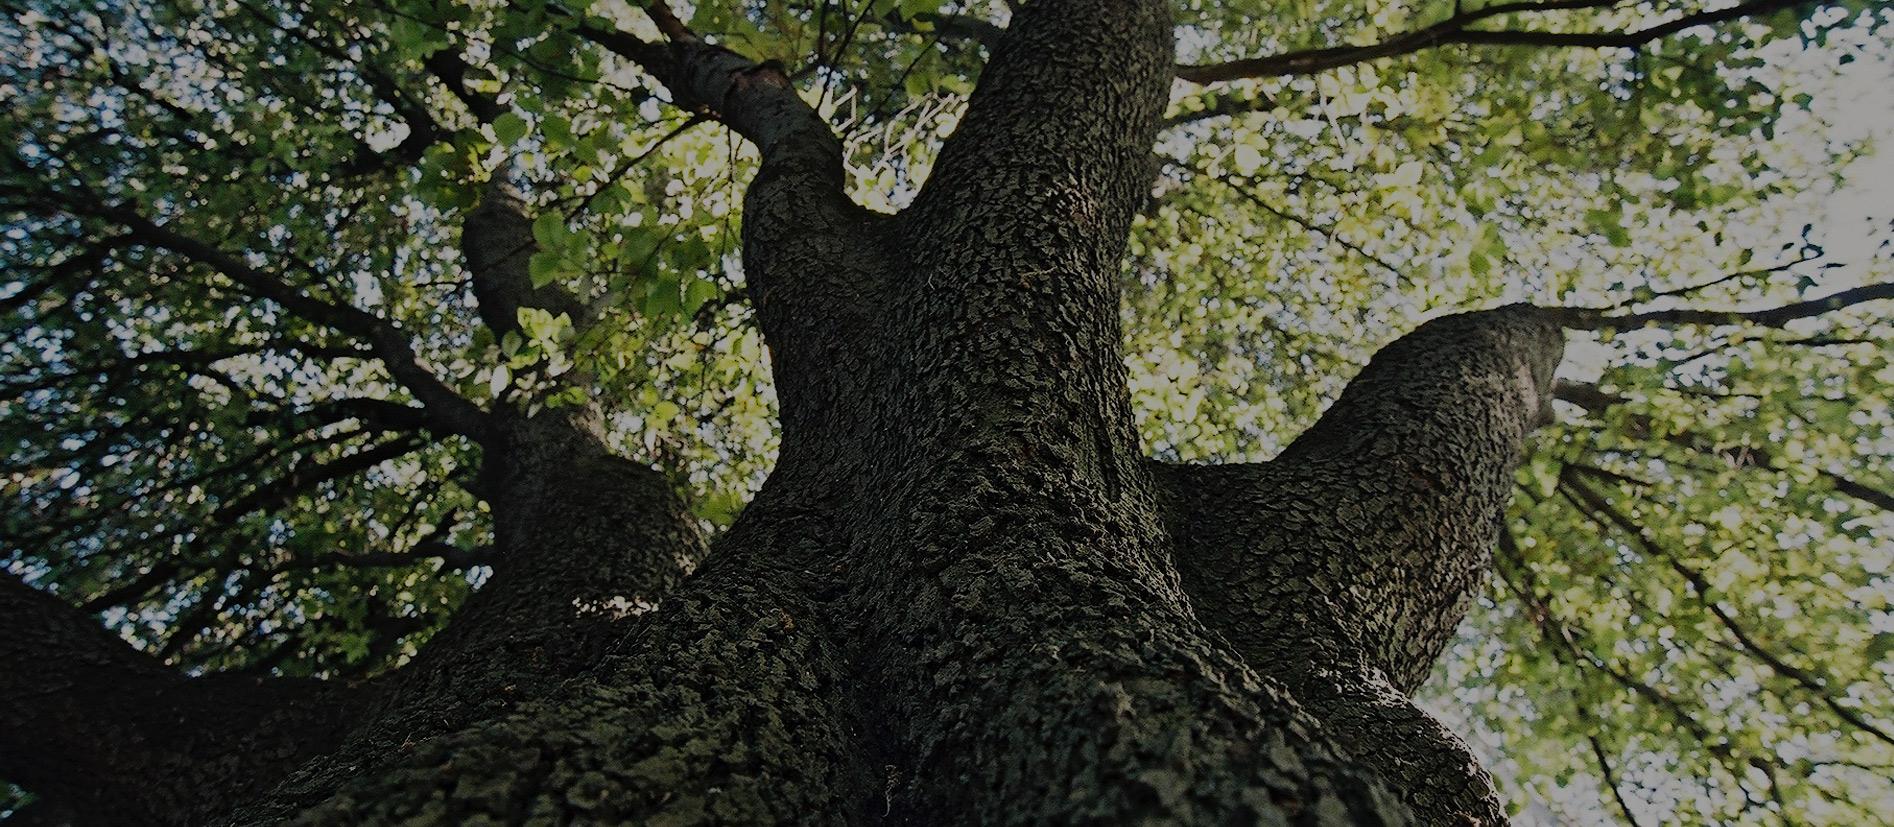 amore per la natura e gli alberi